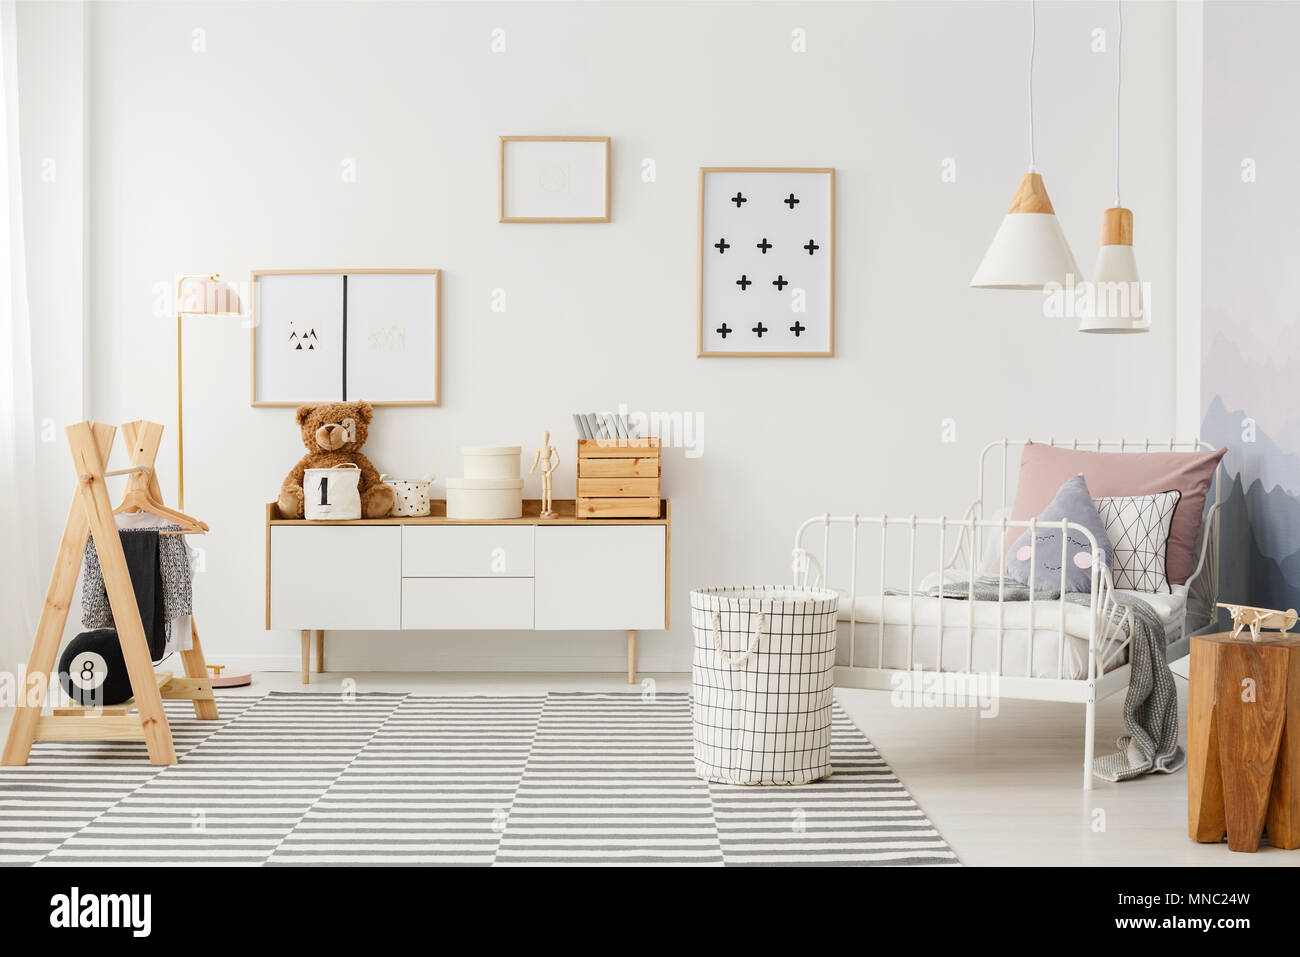 Accessori Per Camera Da Letto Bianca : Naturale bright kid s interiore camera da letto con mobili in